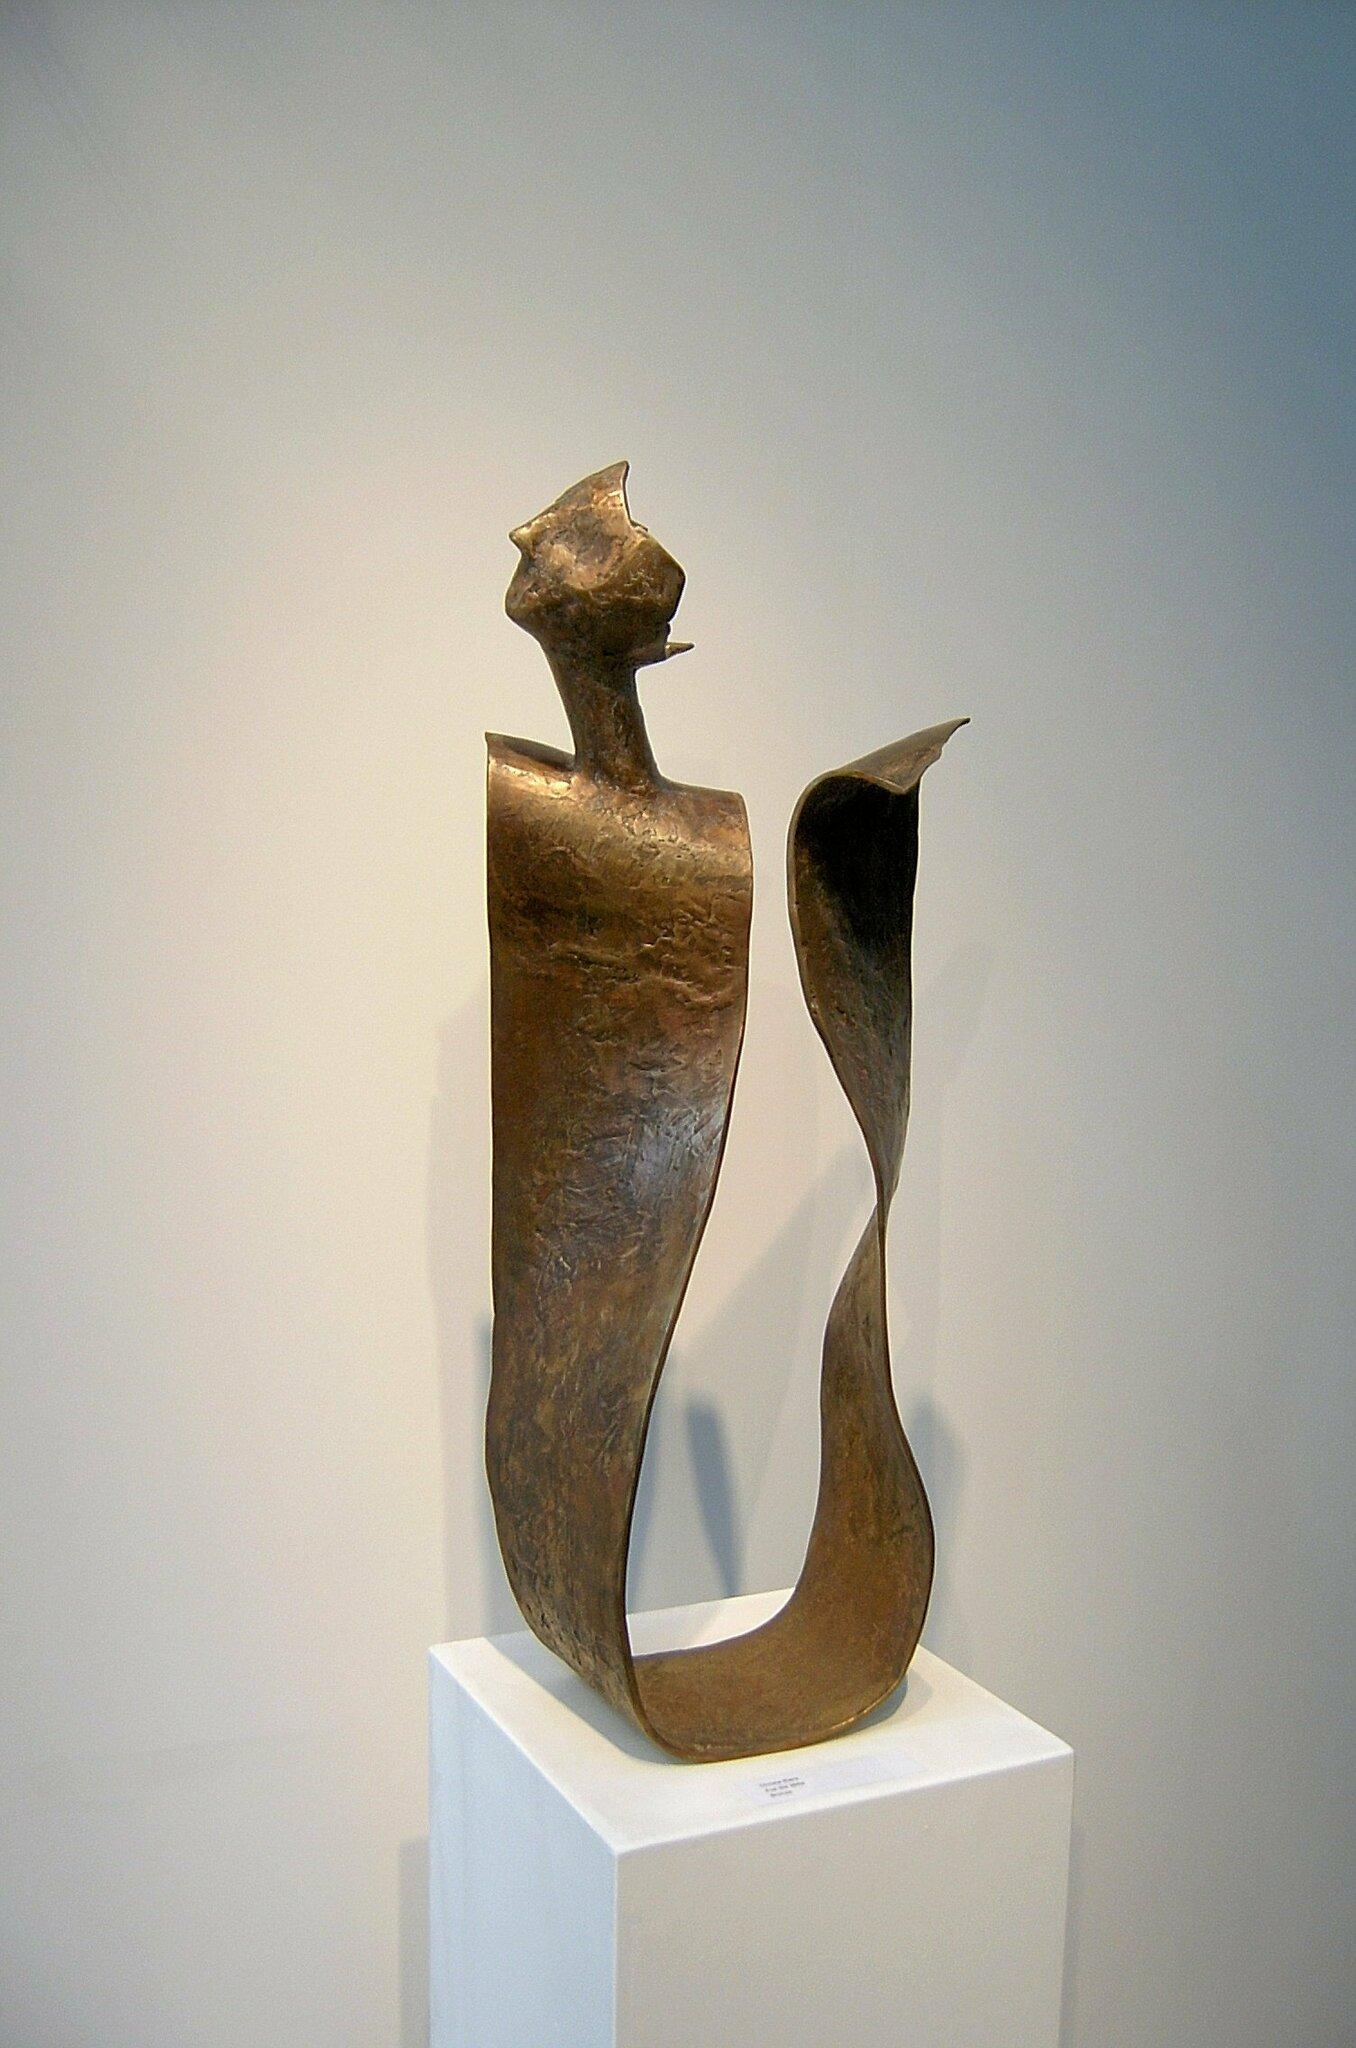 In 14 Jahren Berlin entdeckte Christa Biere die Leidenschaft mit Wachs und Metall zu arbeiten. Ihre lebendigen Skulpturen beziehen sich oft auf den Menschen.